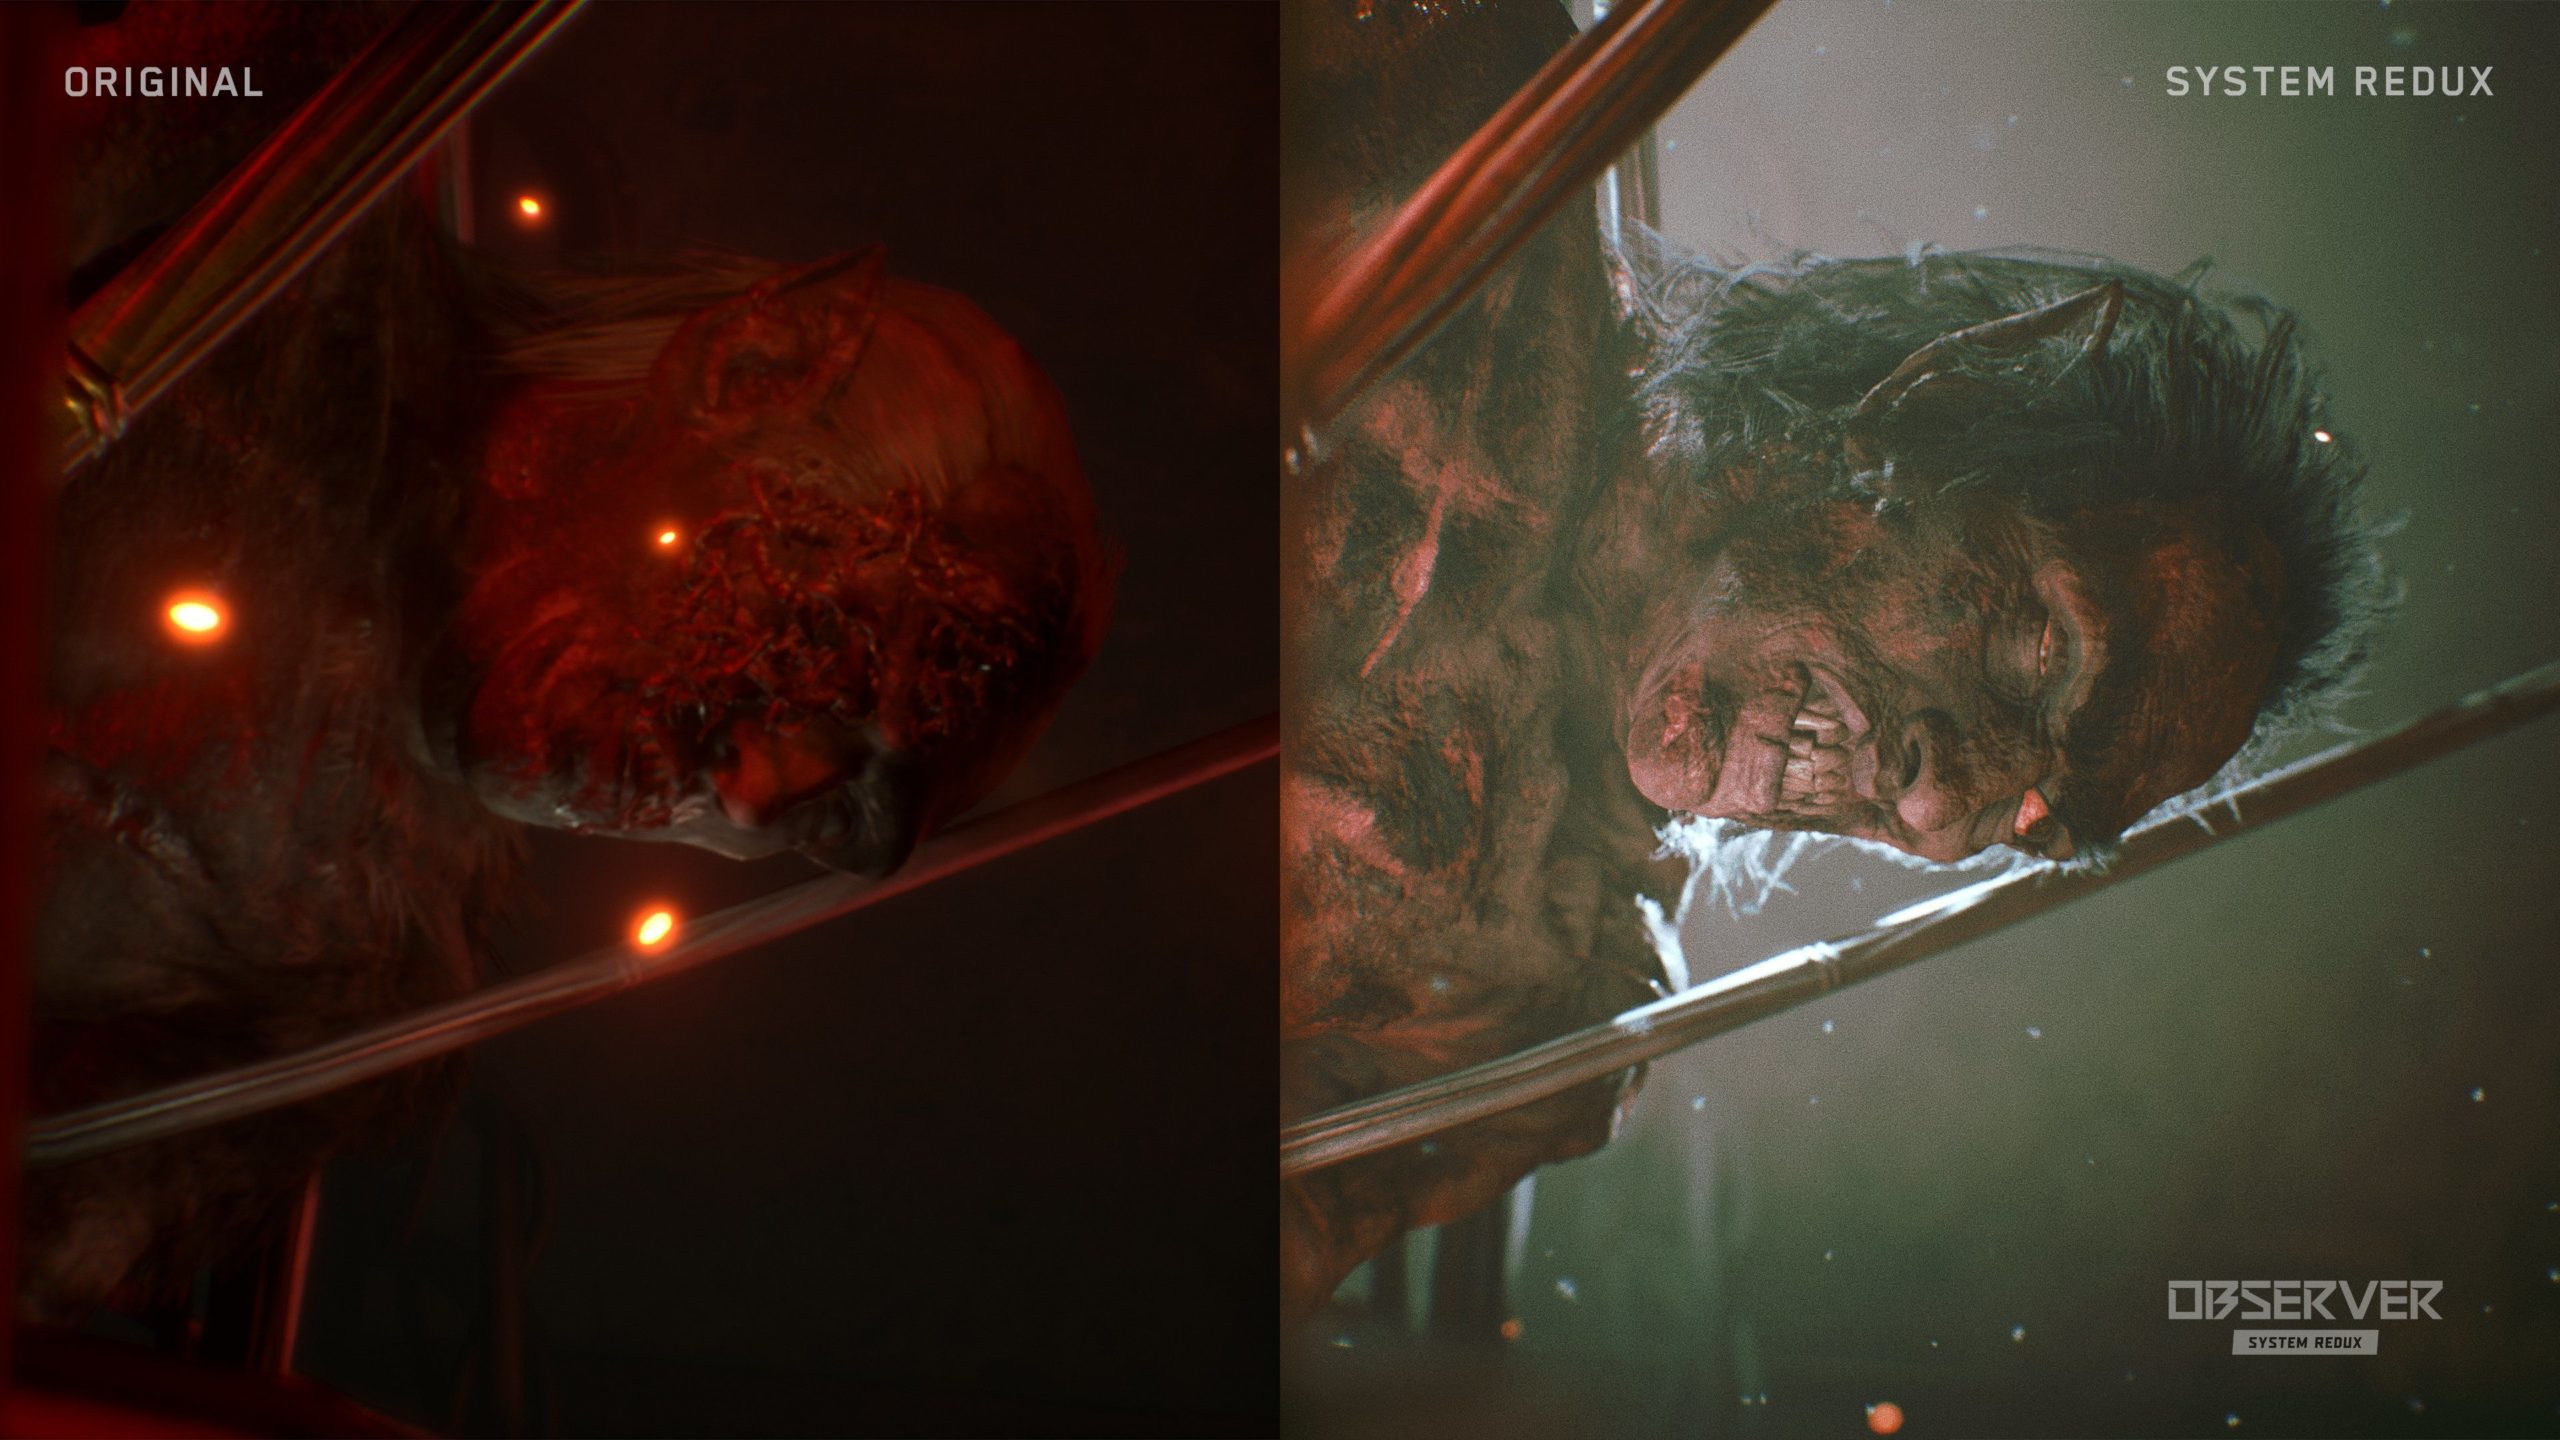 Как будет выглядеть Observer на Xbox Series X: два новых скриншота-сравнения